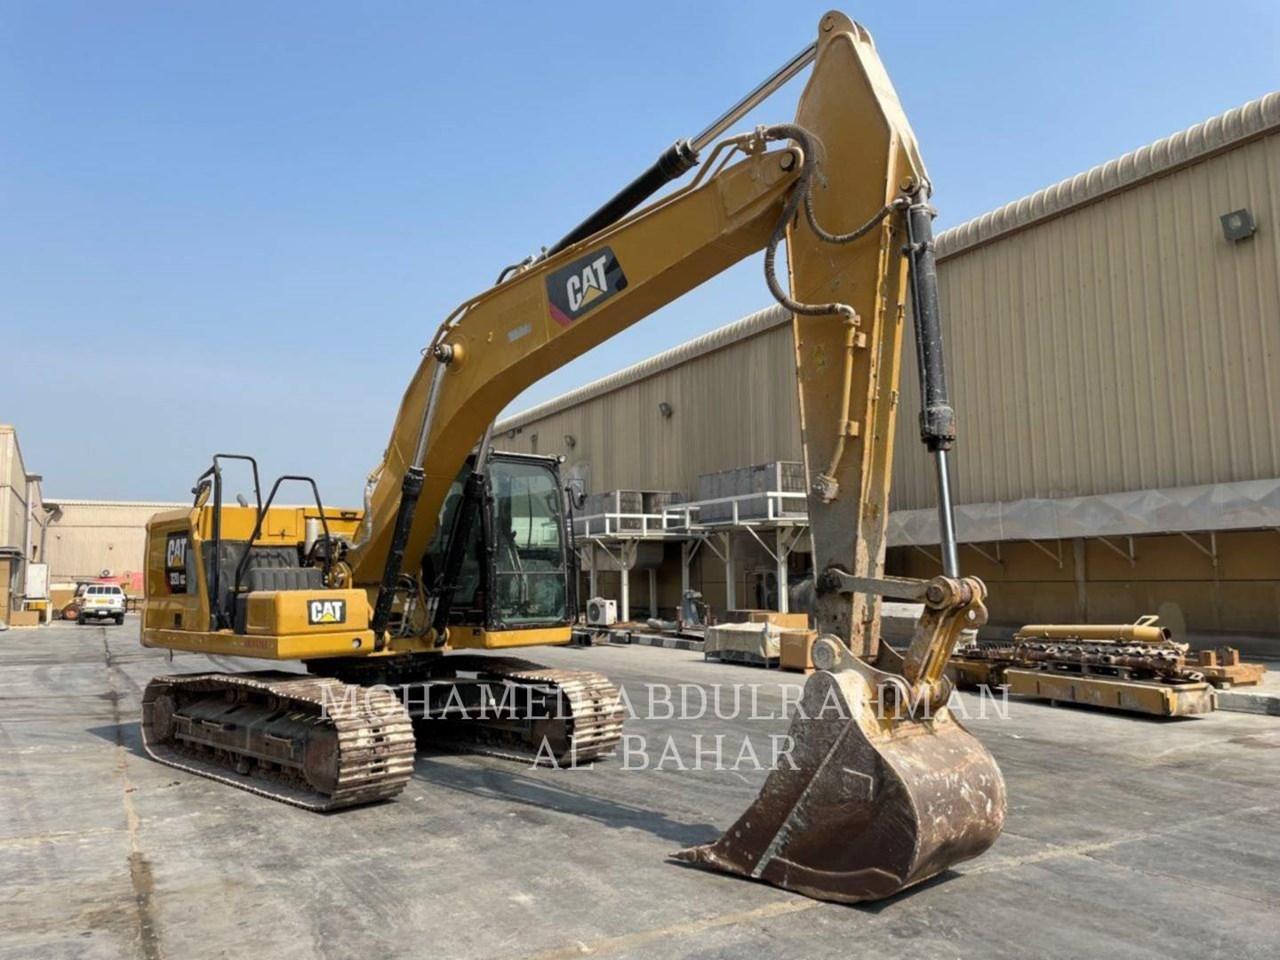 2019 Caterpillar 320-07GC Image 7